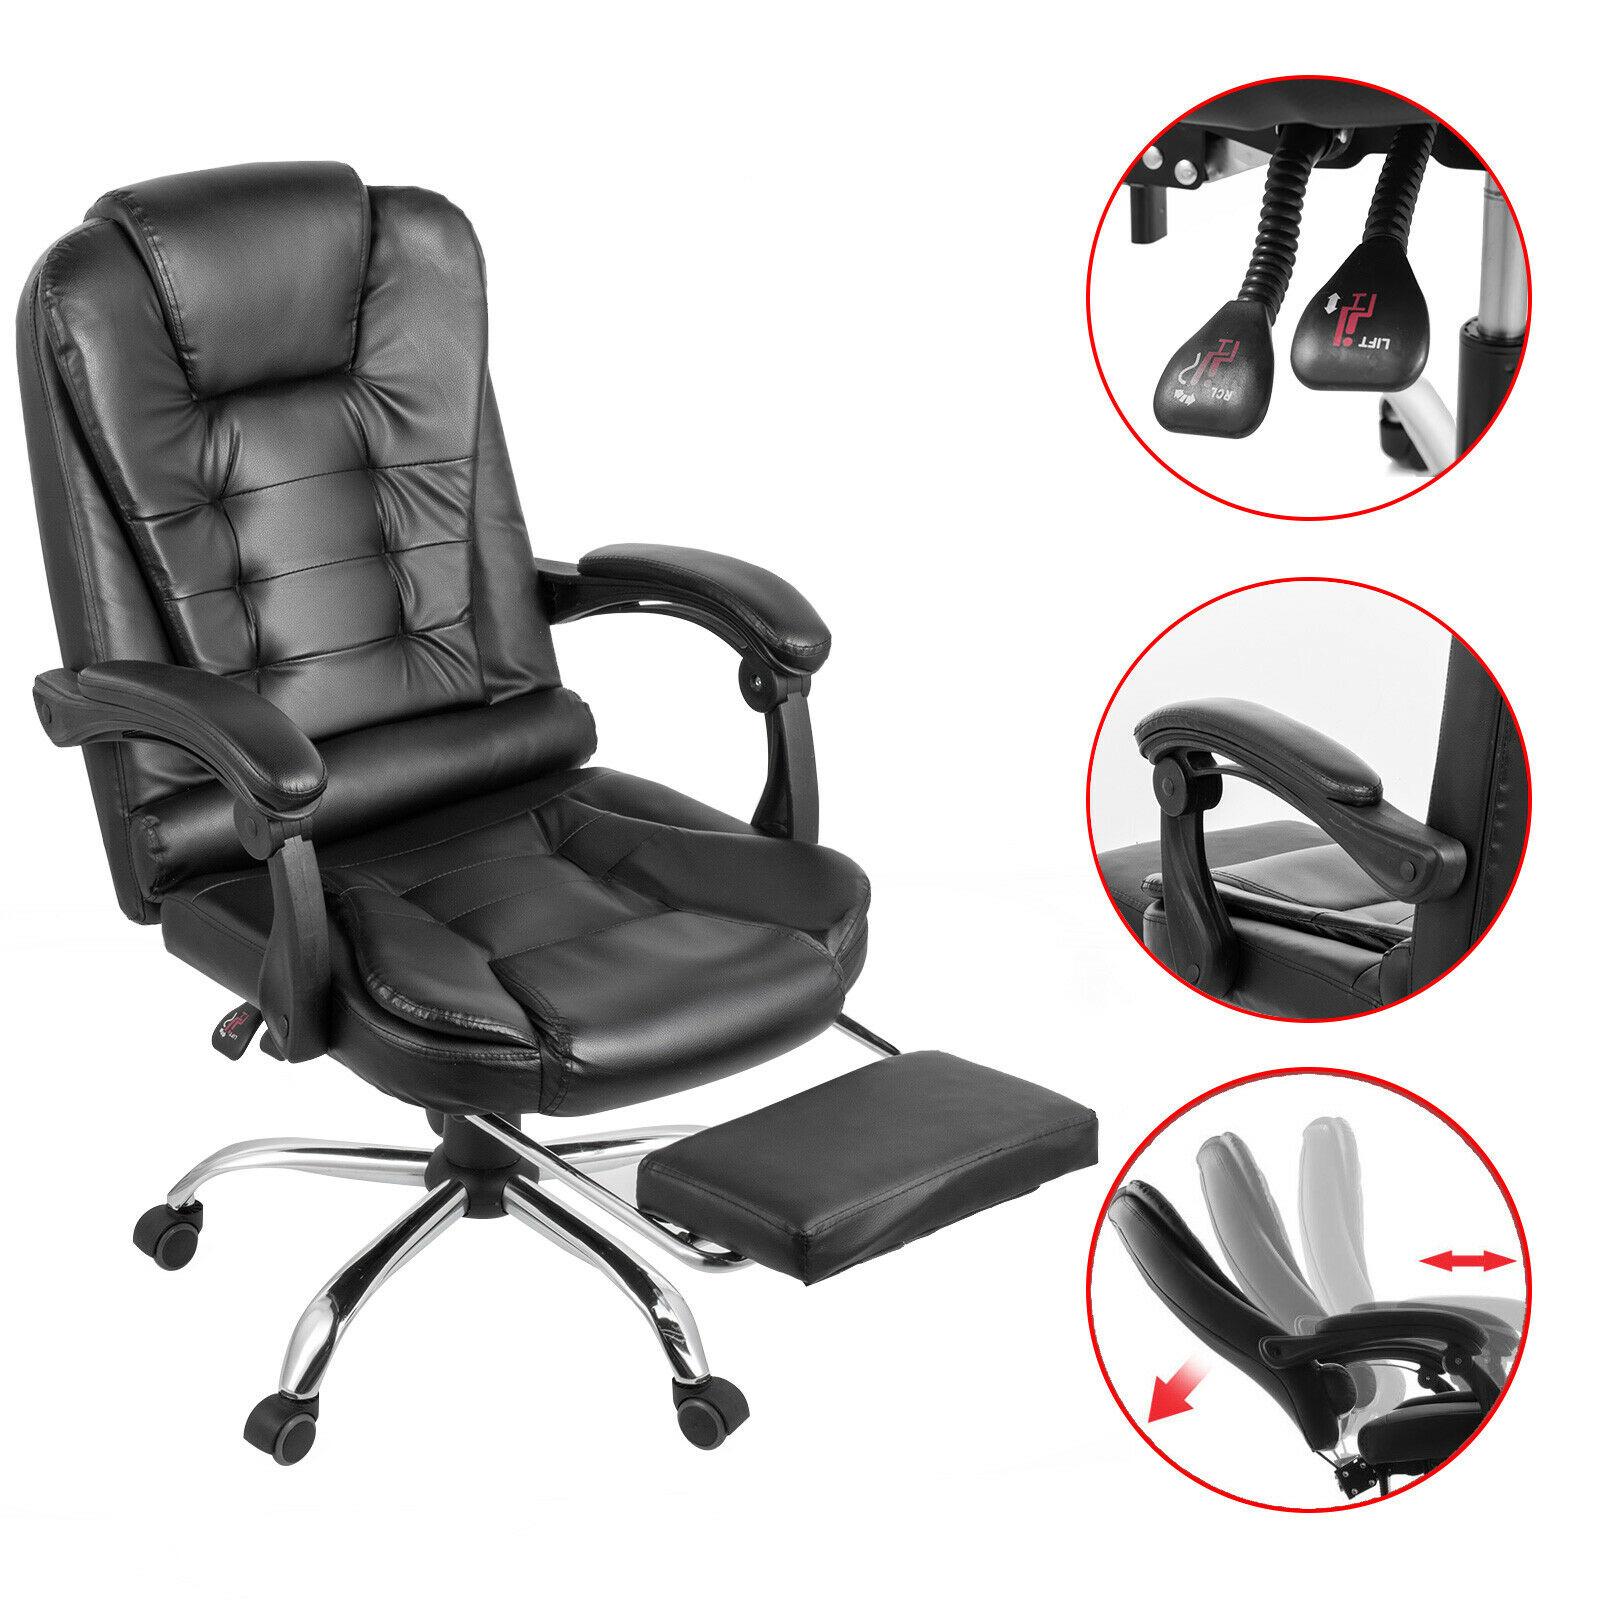 Cadeira preta ergonômica do giro de 360 graus alta volta cadeira de couro do falso cadeira com apoio para os pés do jogo computador cadeira de escritório